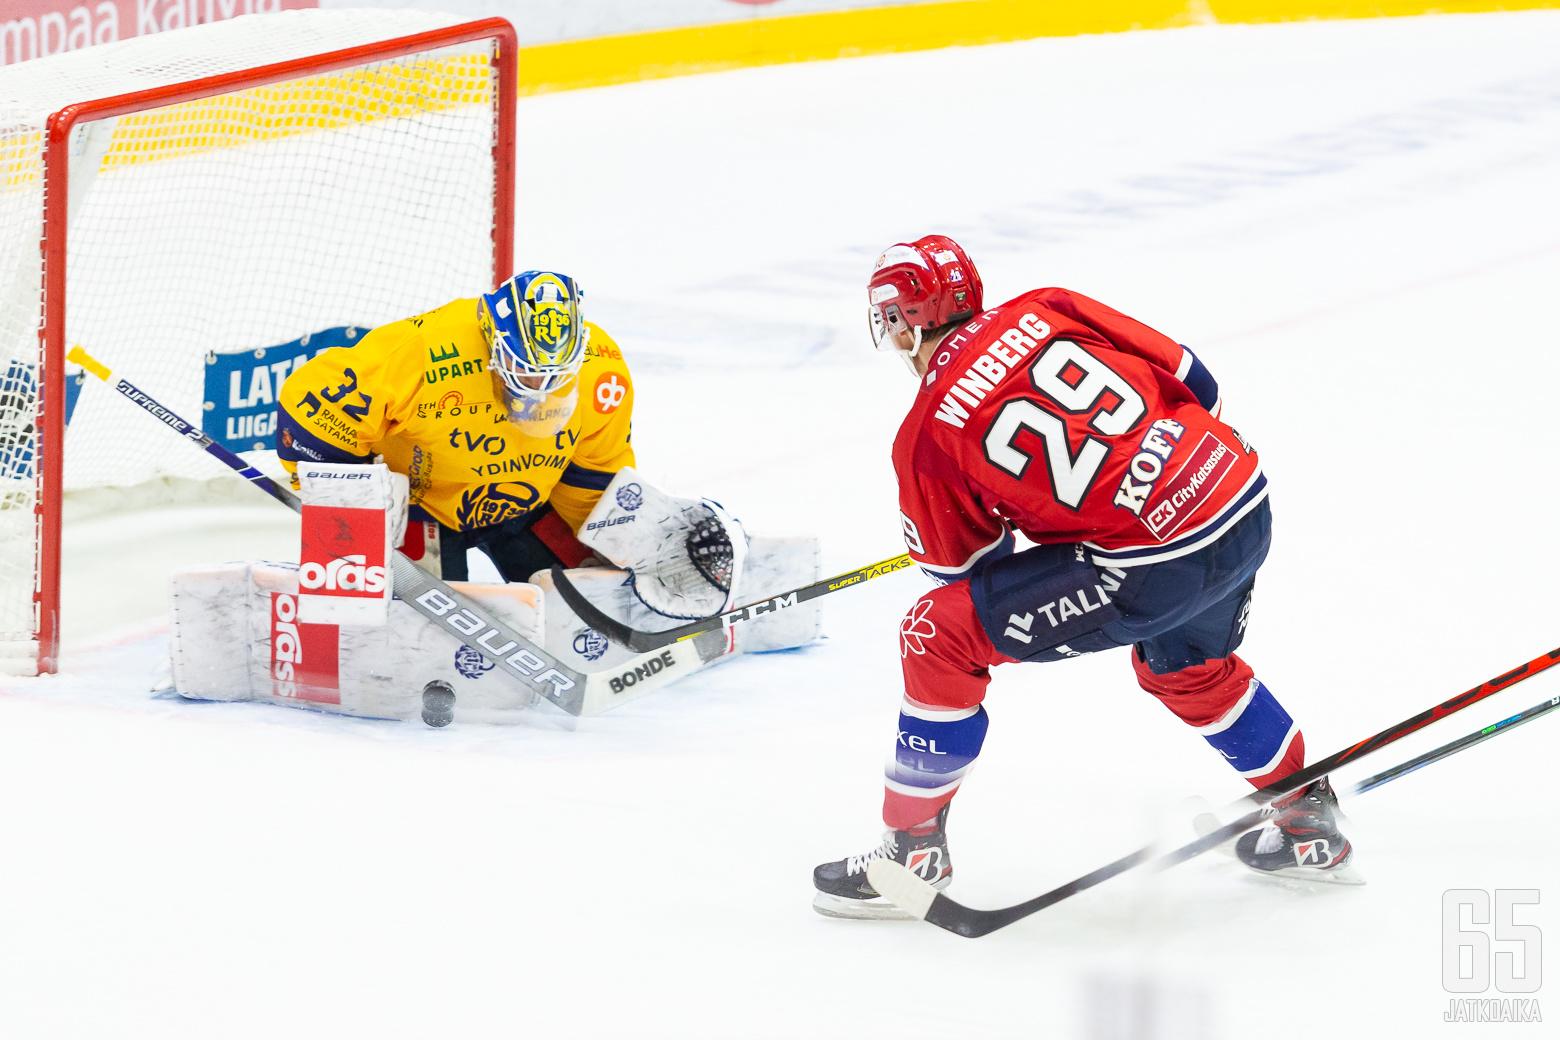 Tobias Winberg, HIFK ottelussa HIFK - Lukko, 16/10/2020, Helsingin jäähalli, Helsinki, Suomi. Photo: Joonas Kämäräinen